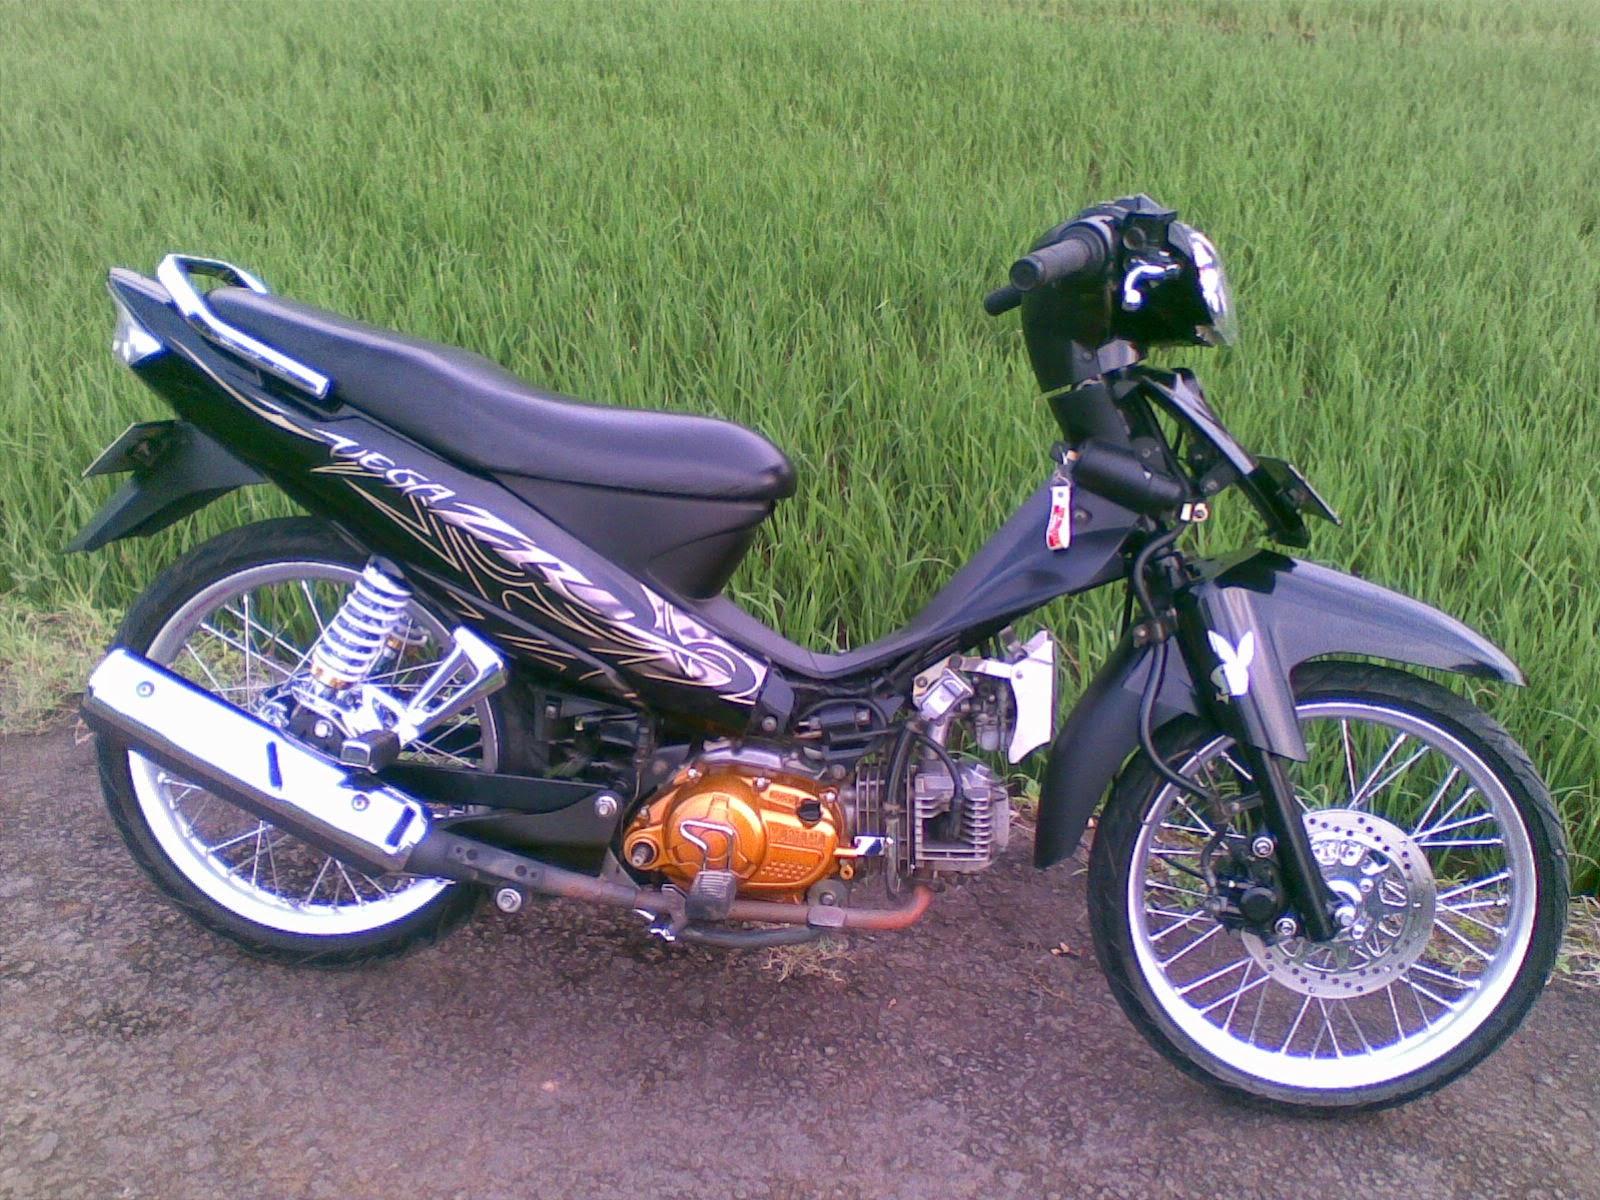 Yamaha Vega R Modifikasi Sederhana